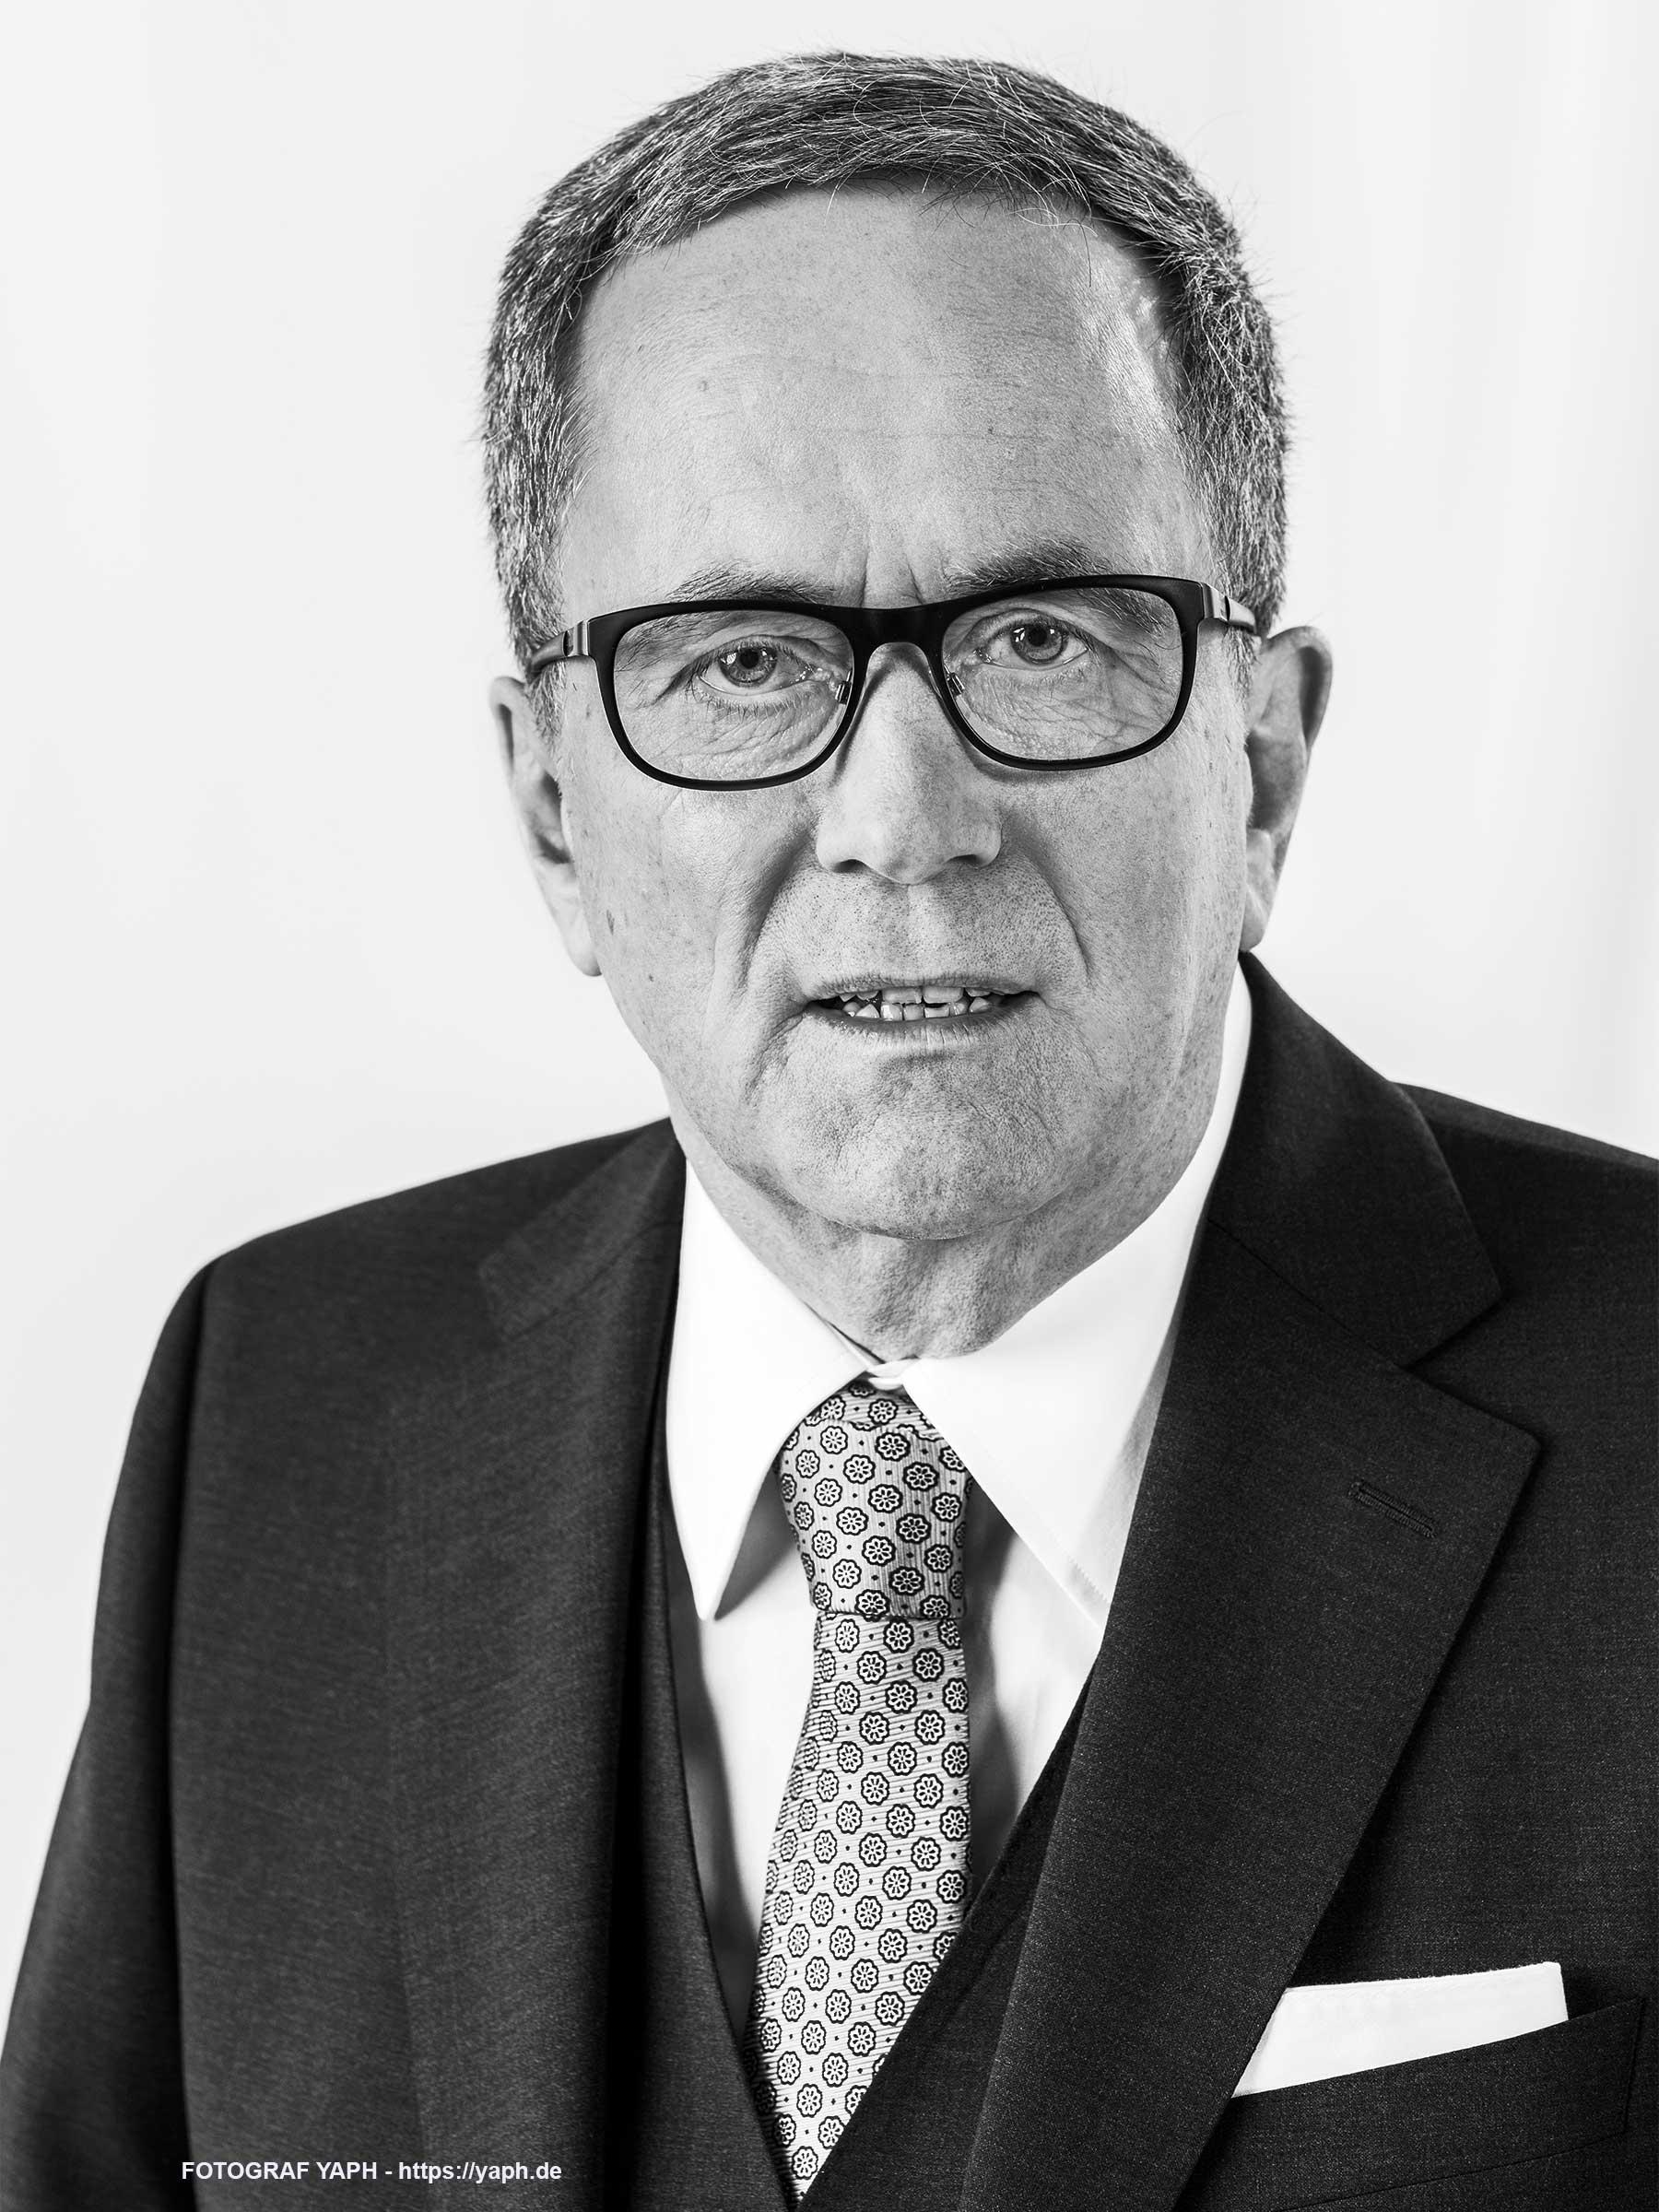 Georg Kern Musikhaus Reisser in Trier Portraitfotos bei Fotograf Yaph